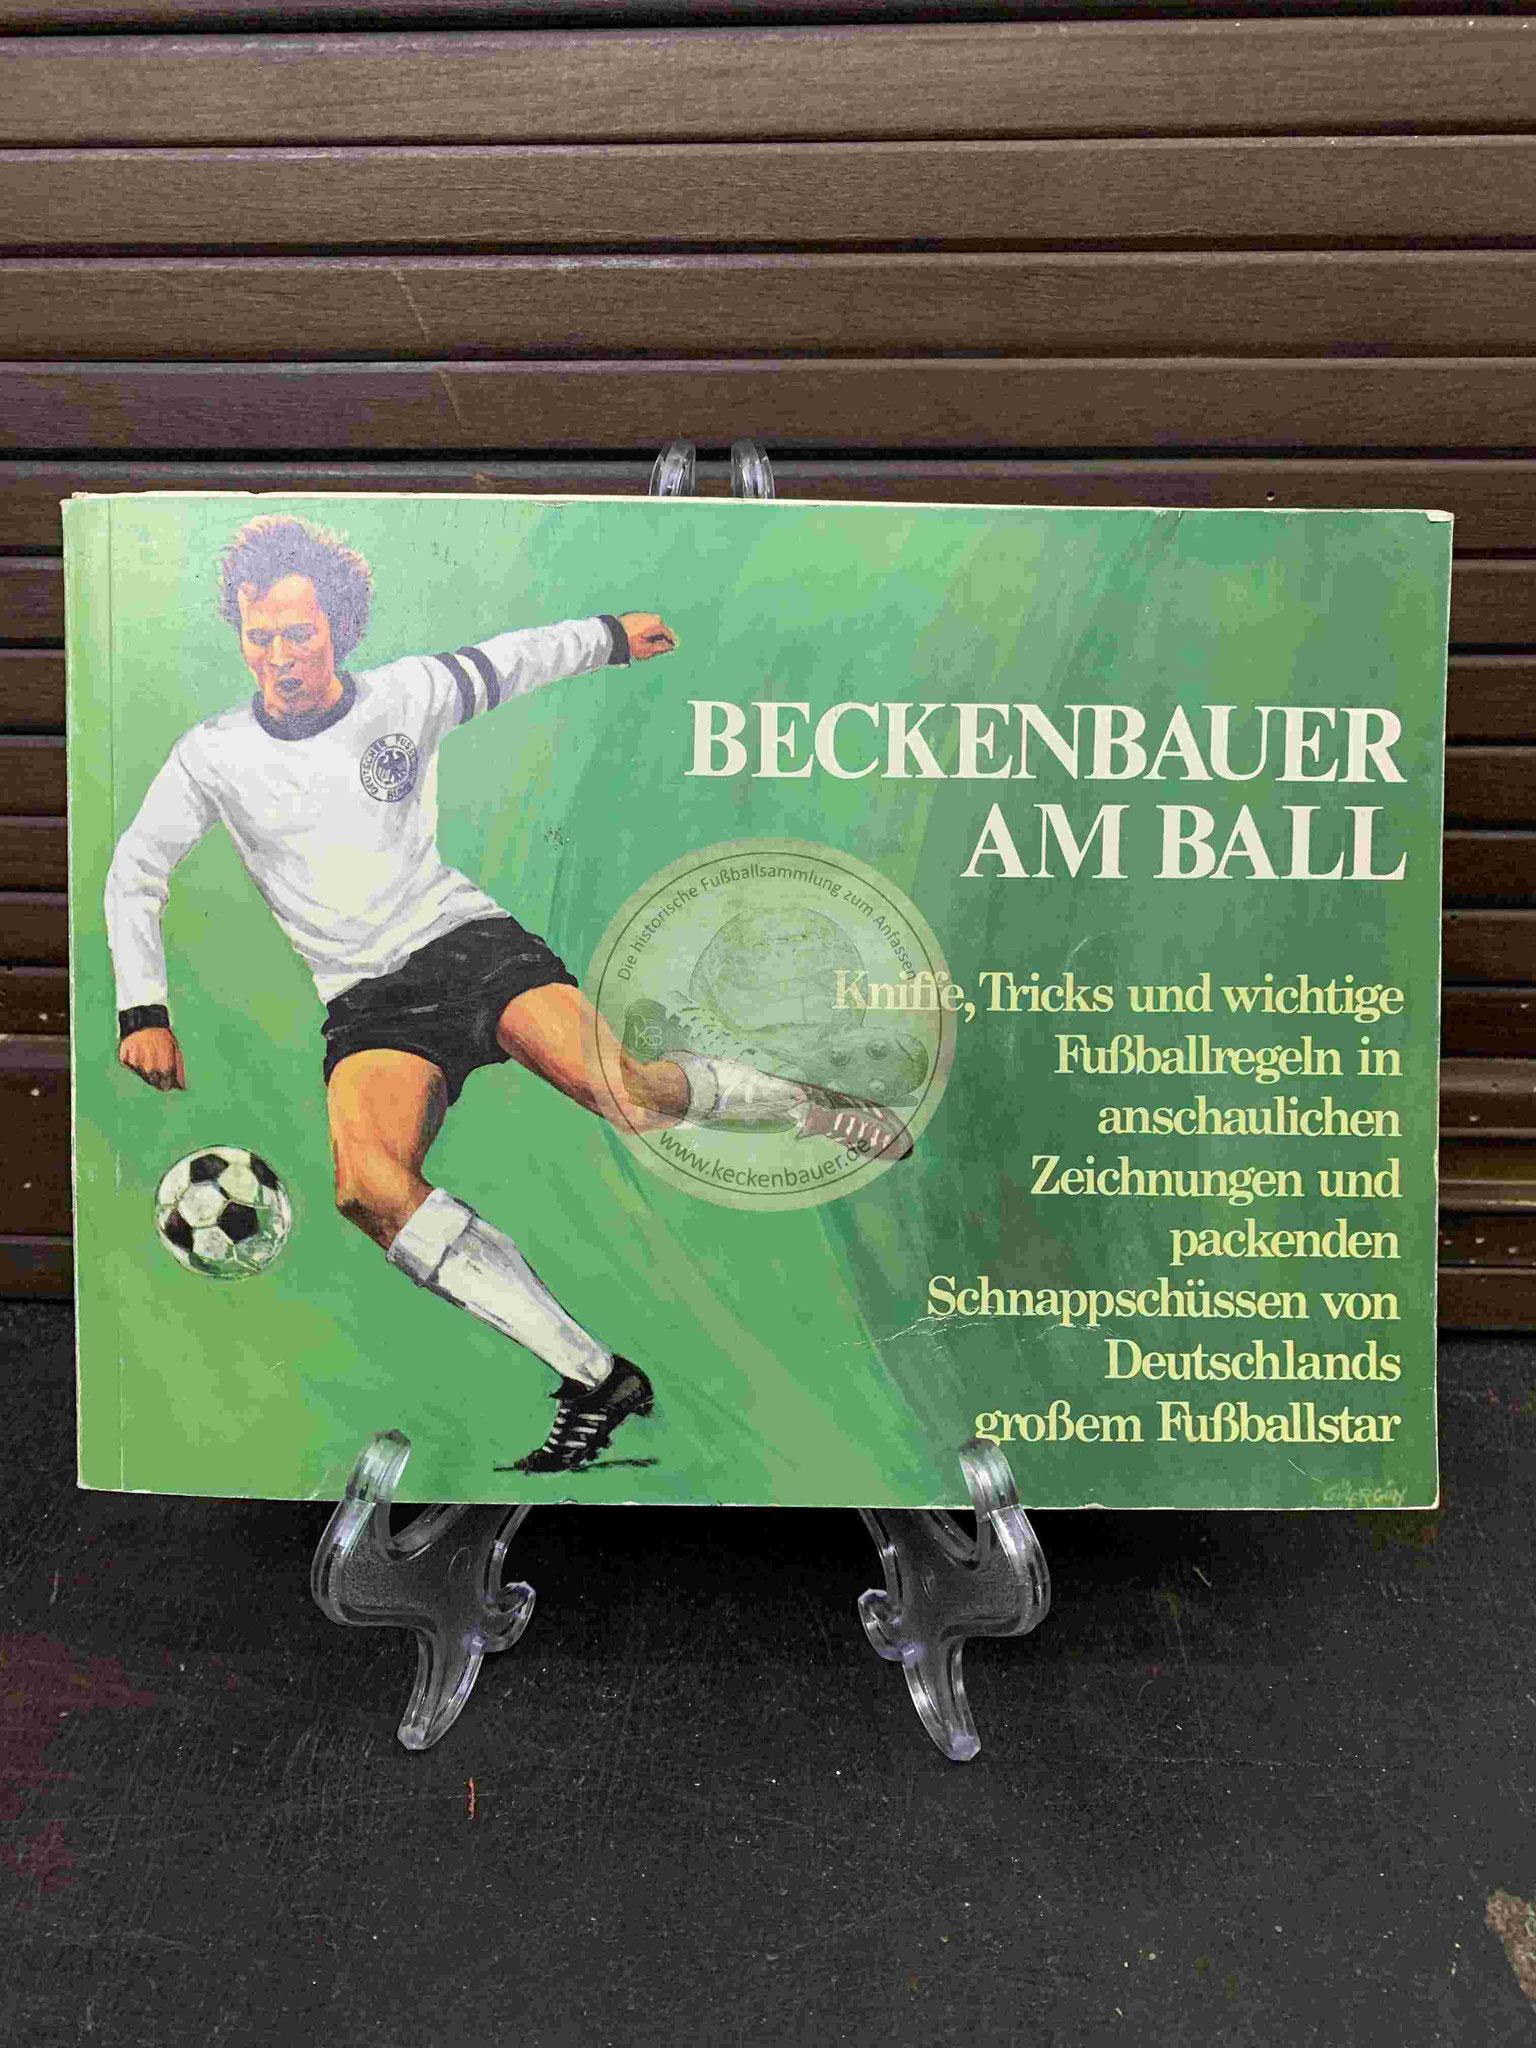 Beckenbauer am Ball Kniffe, Tricks und wichtige Fußballregeln in menschlichen Zeichnungen und packenden Schnappschüssen von Deutschlands großem Fußballstar aus dem Jahr 1975